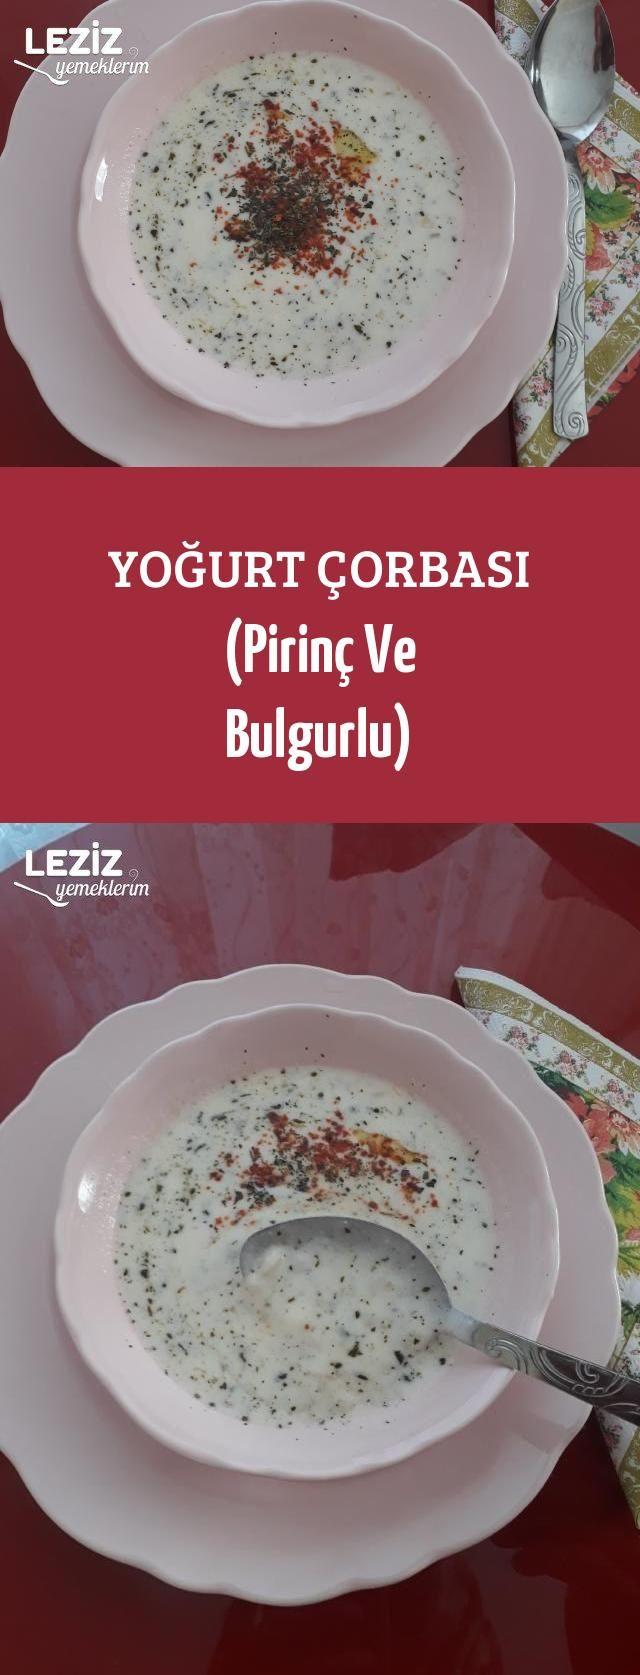 Yogurt Corbasi Pirinc Ve Bulgurlu Leziz Yemeklerim Yemek Tarifi Yemek Leziz Yemek Yemek Tarifleri